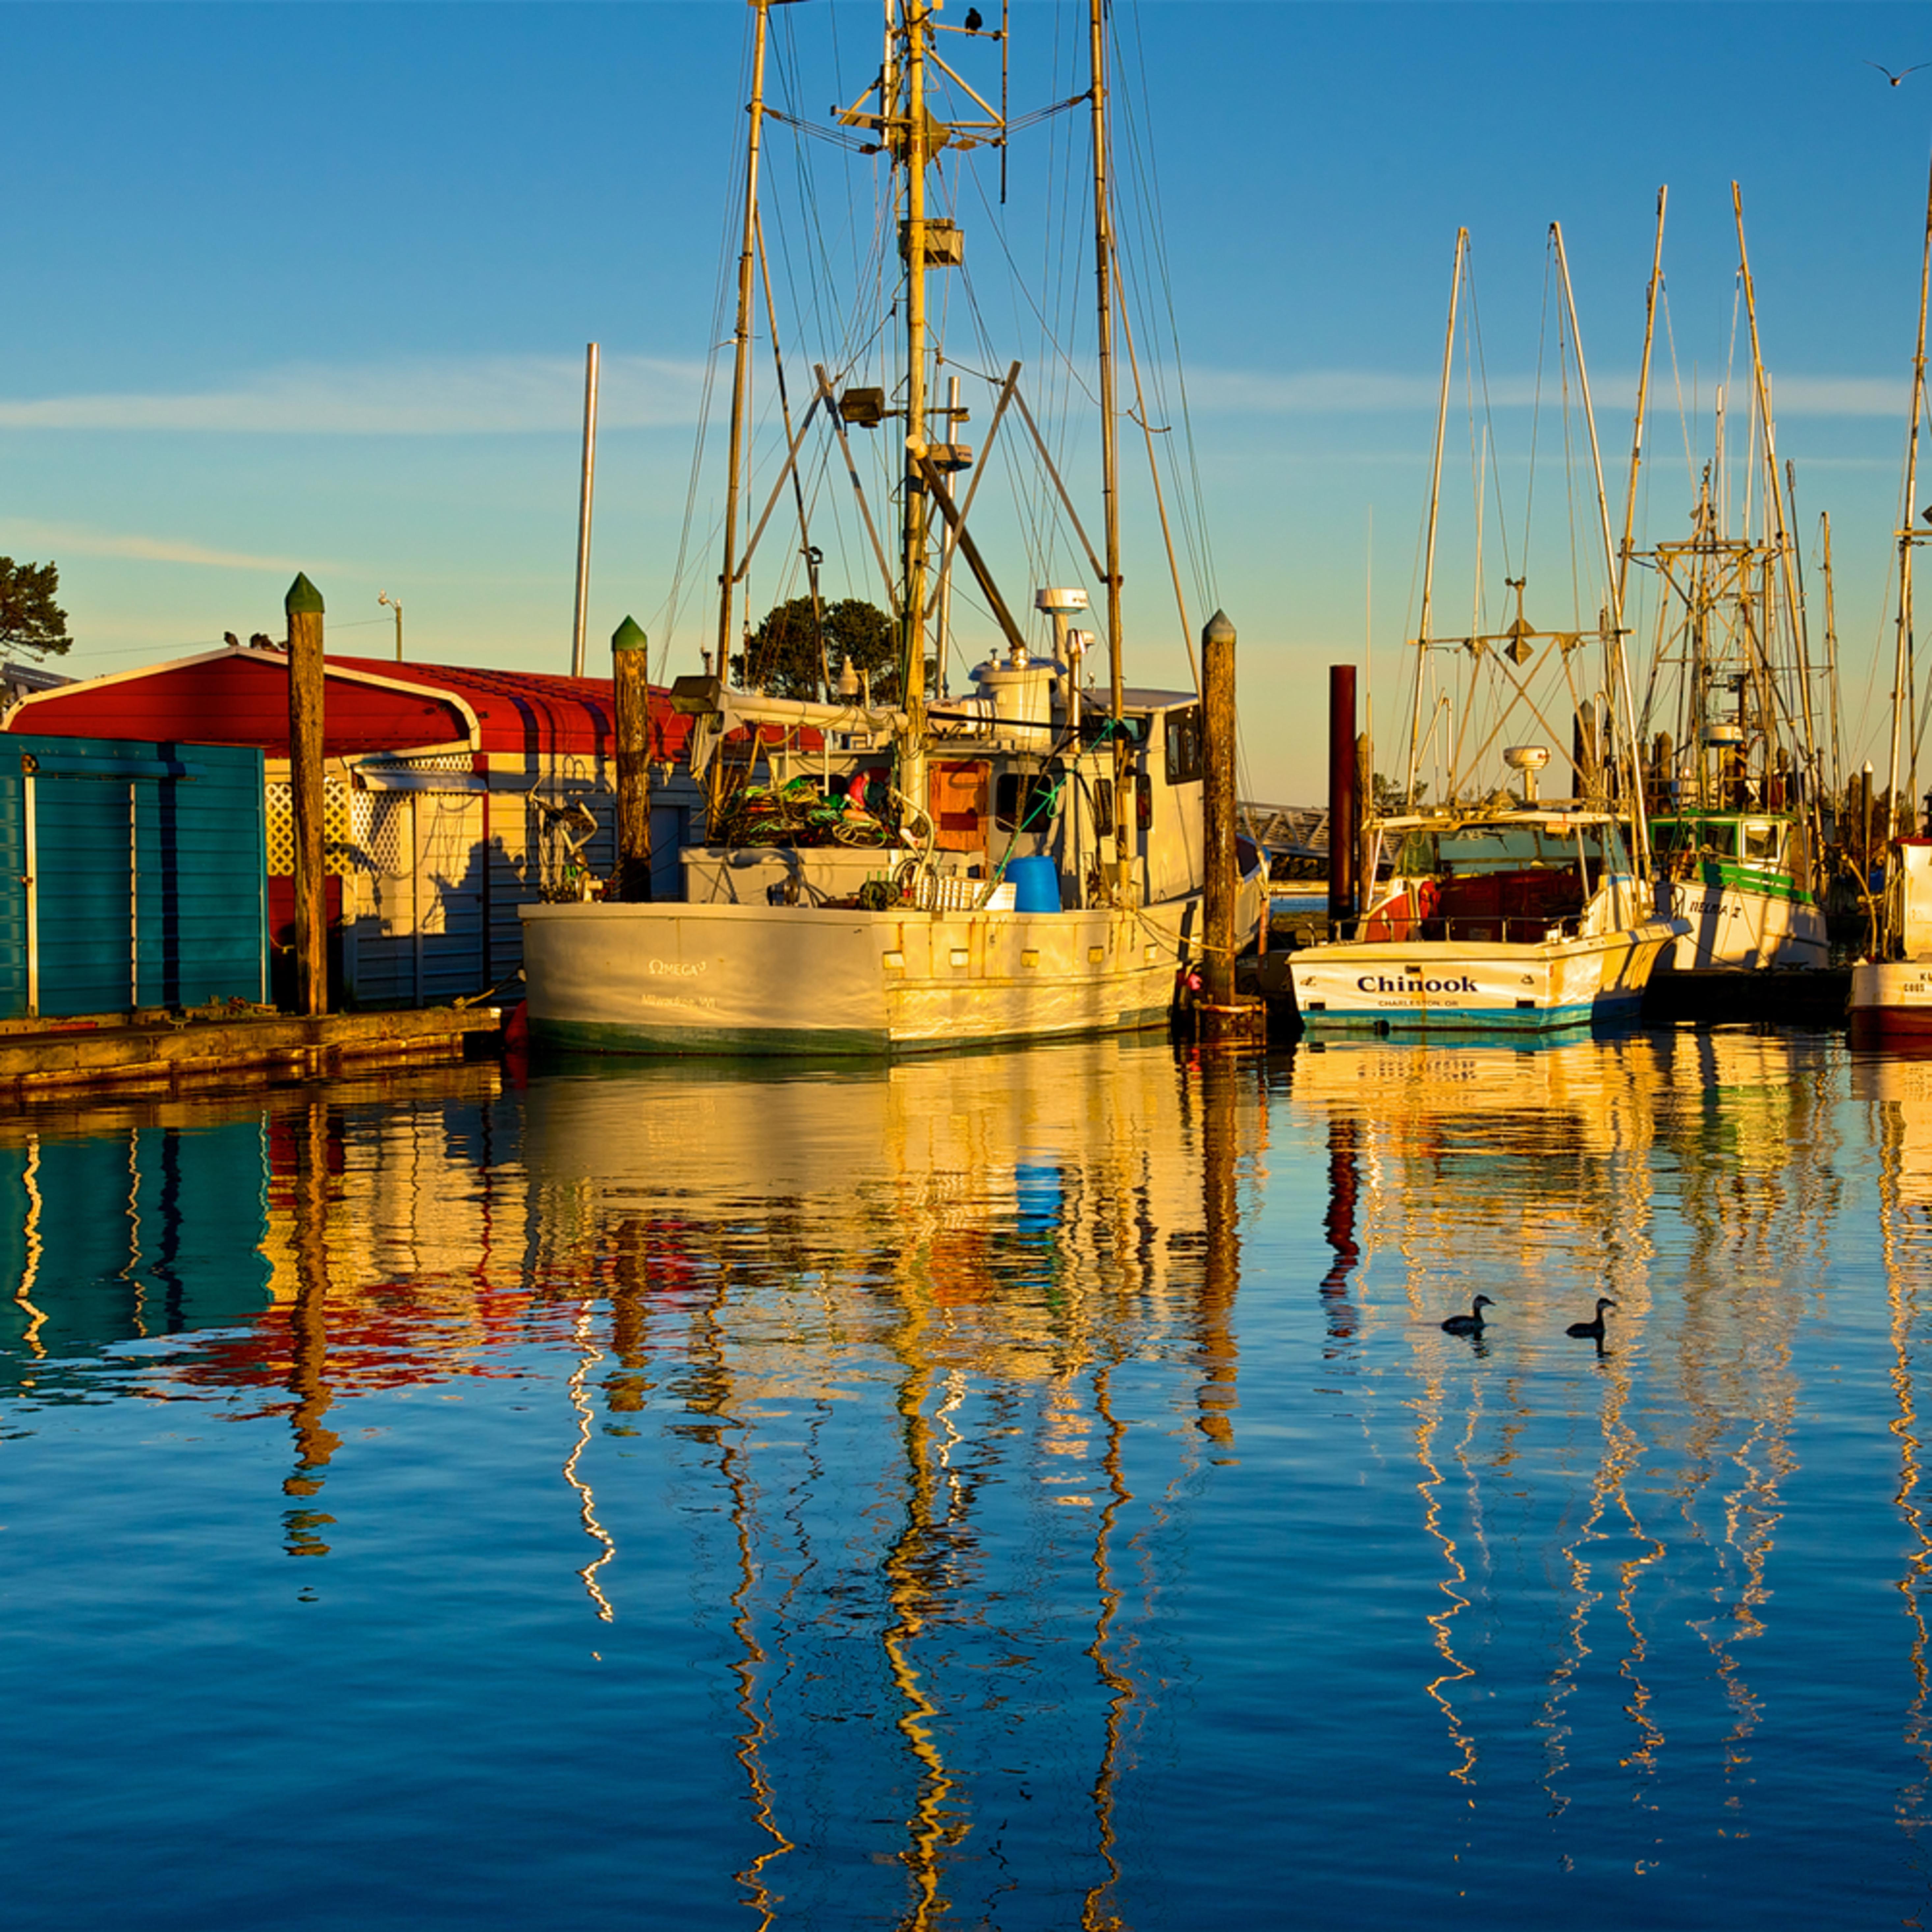 Charleston fishing boats birds oregon p4zerc